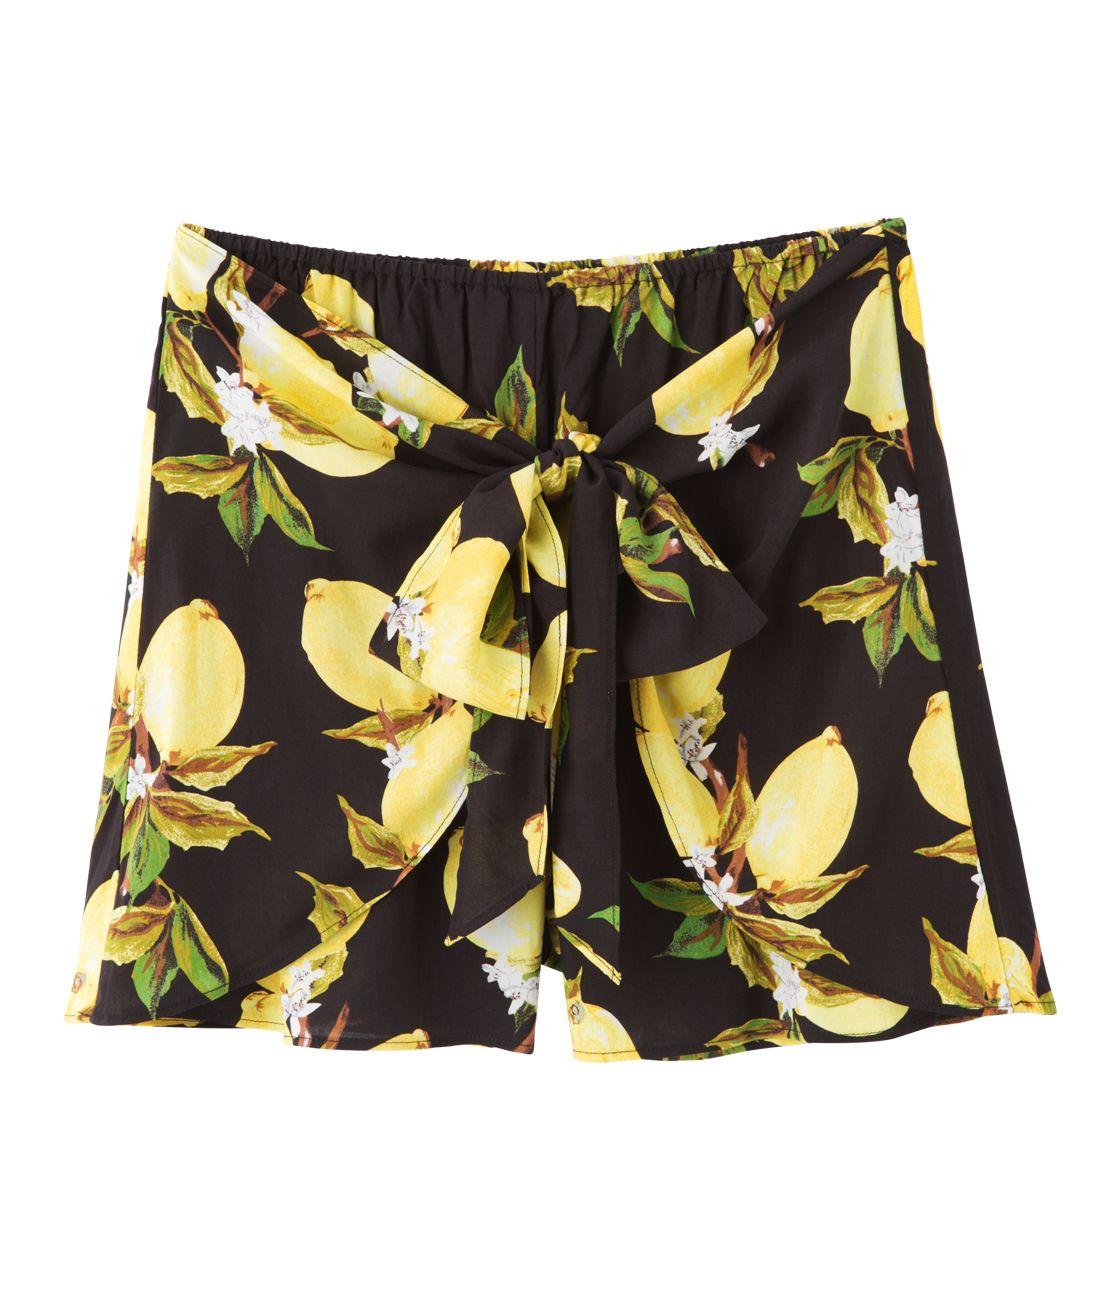 Summer Printed shorts